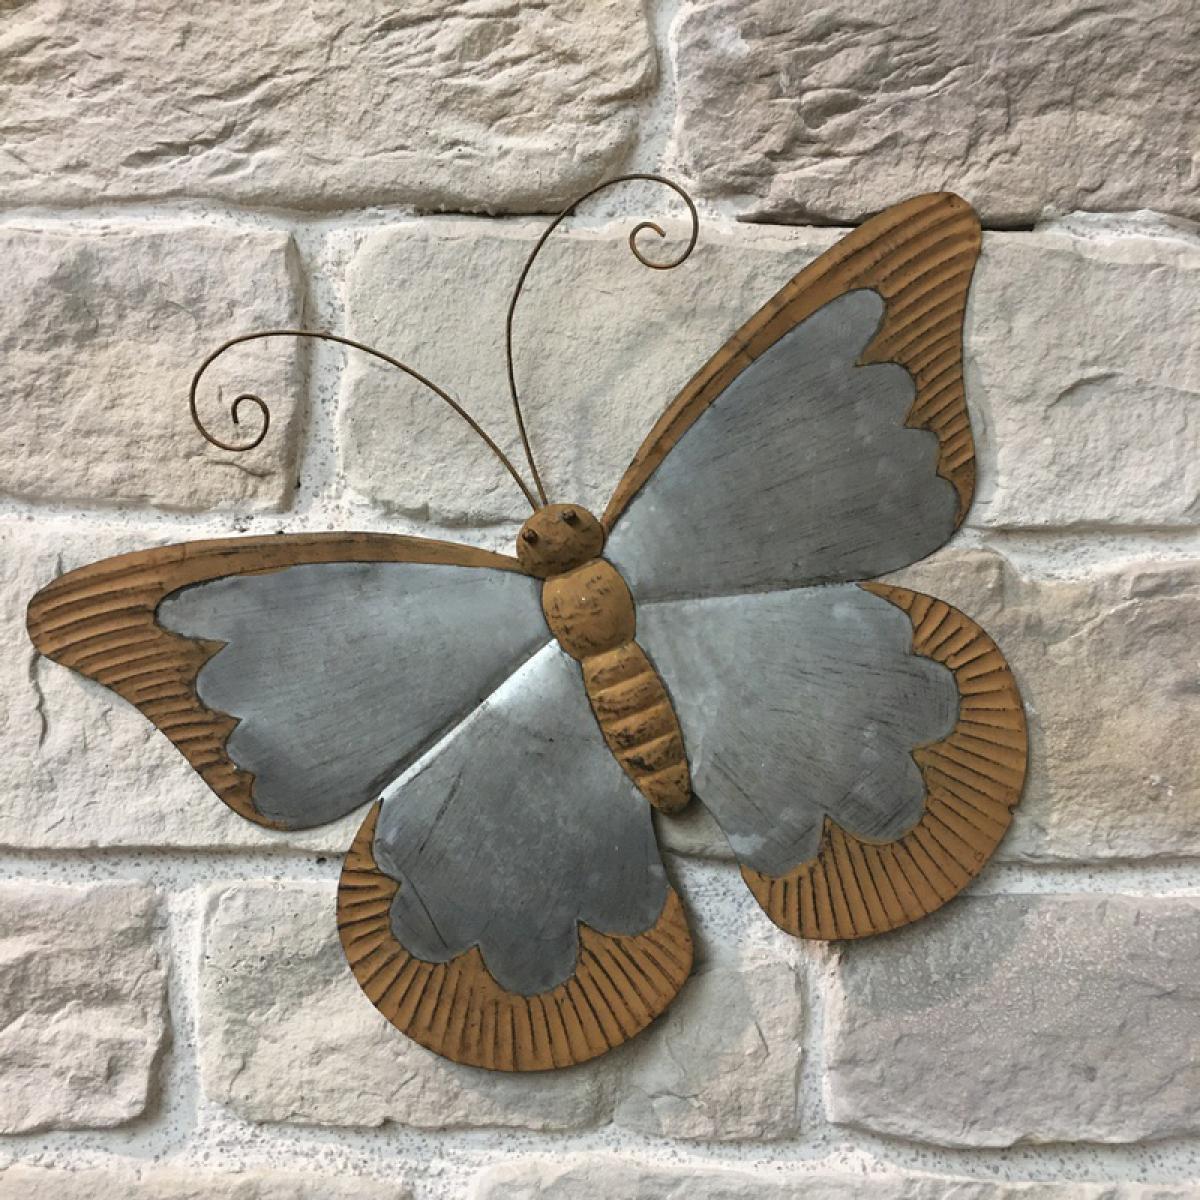 L'Originale Deco Silhouette Statue Animaux Oiseau Papillon Mural de Jardin Fer 60 cm x 46 cm x 2.50 cm